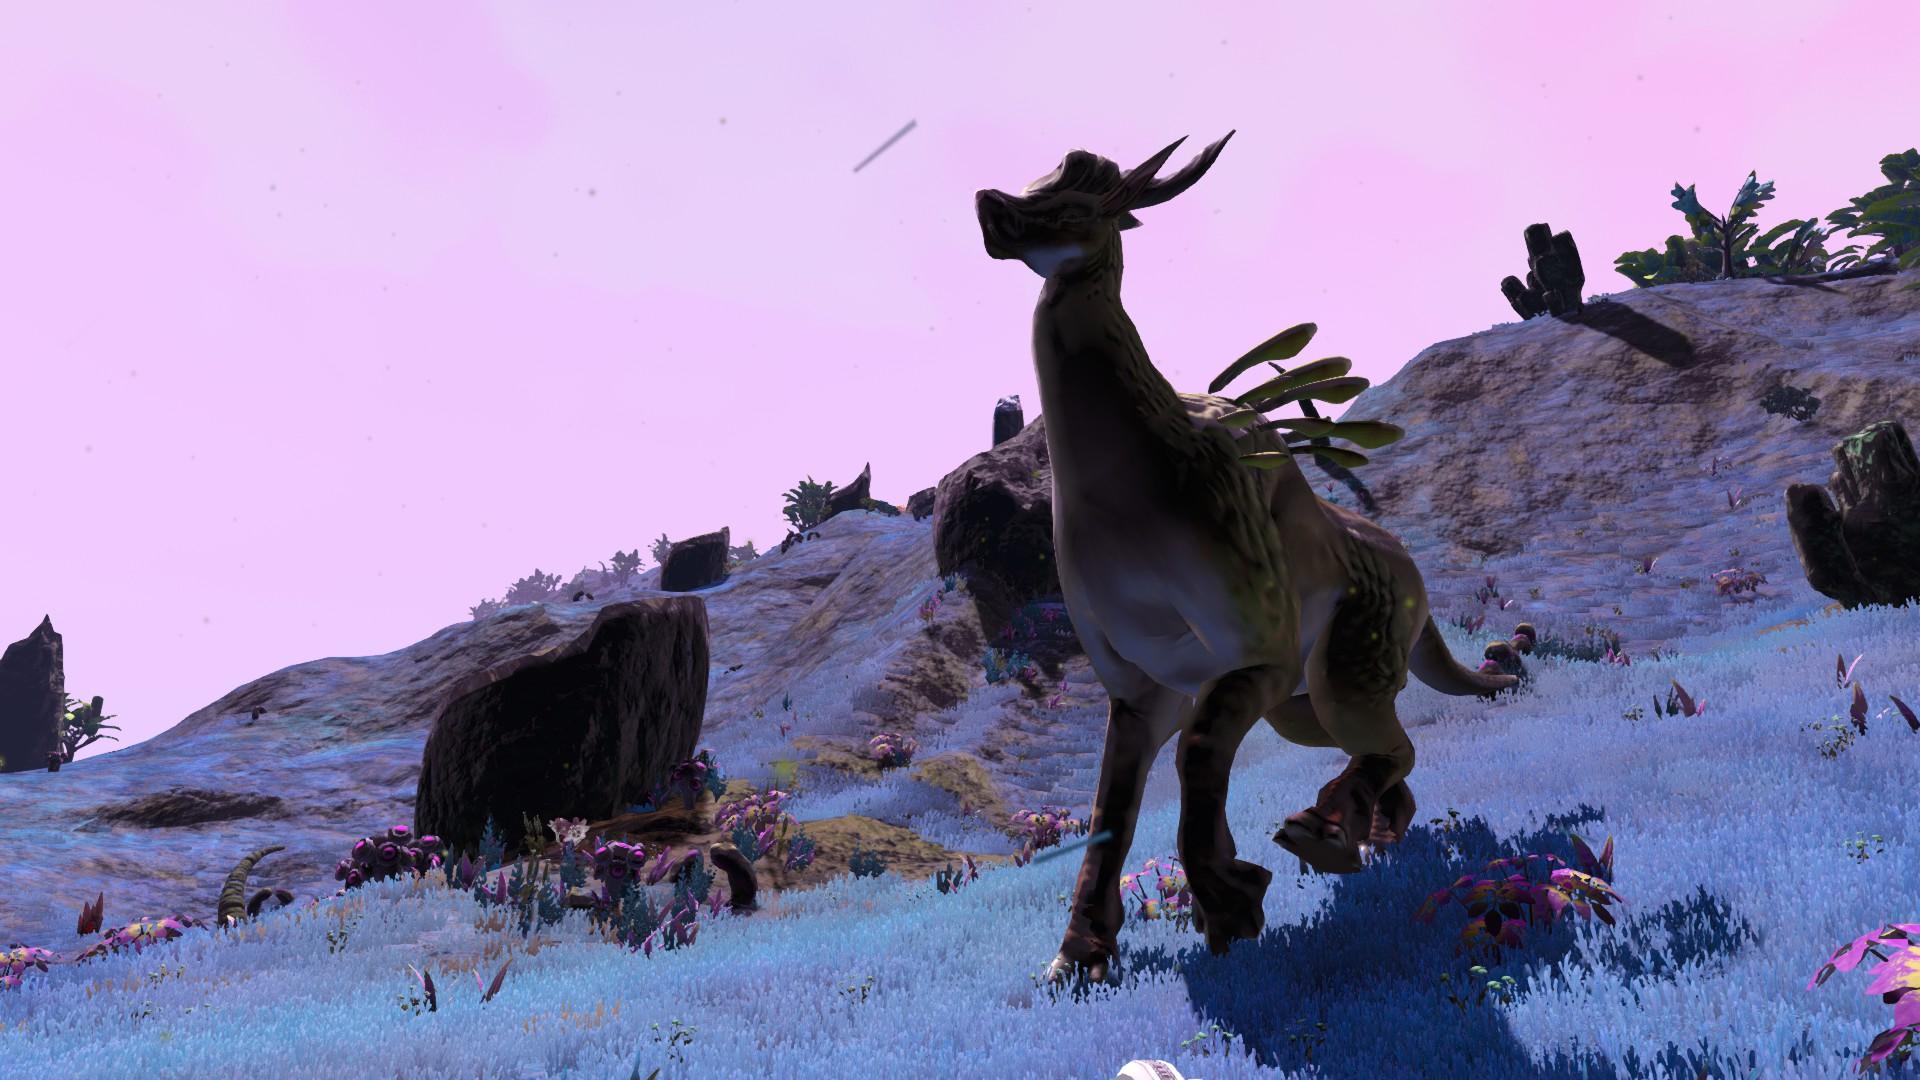 Bigger Creatures